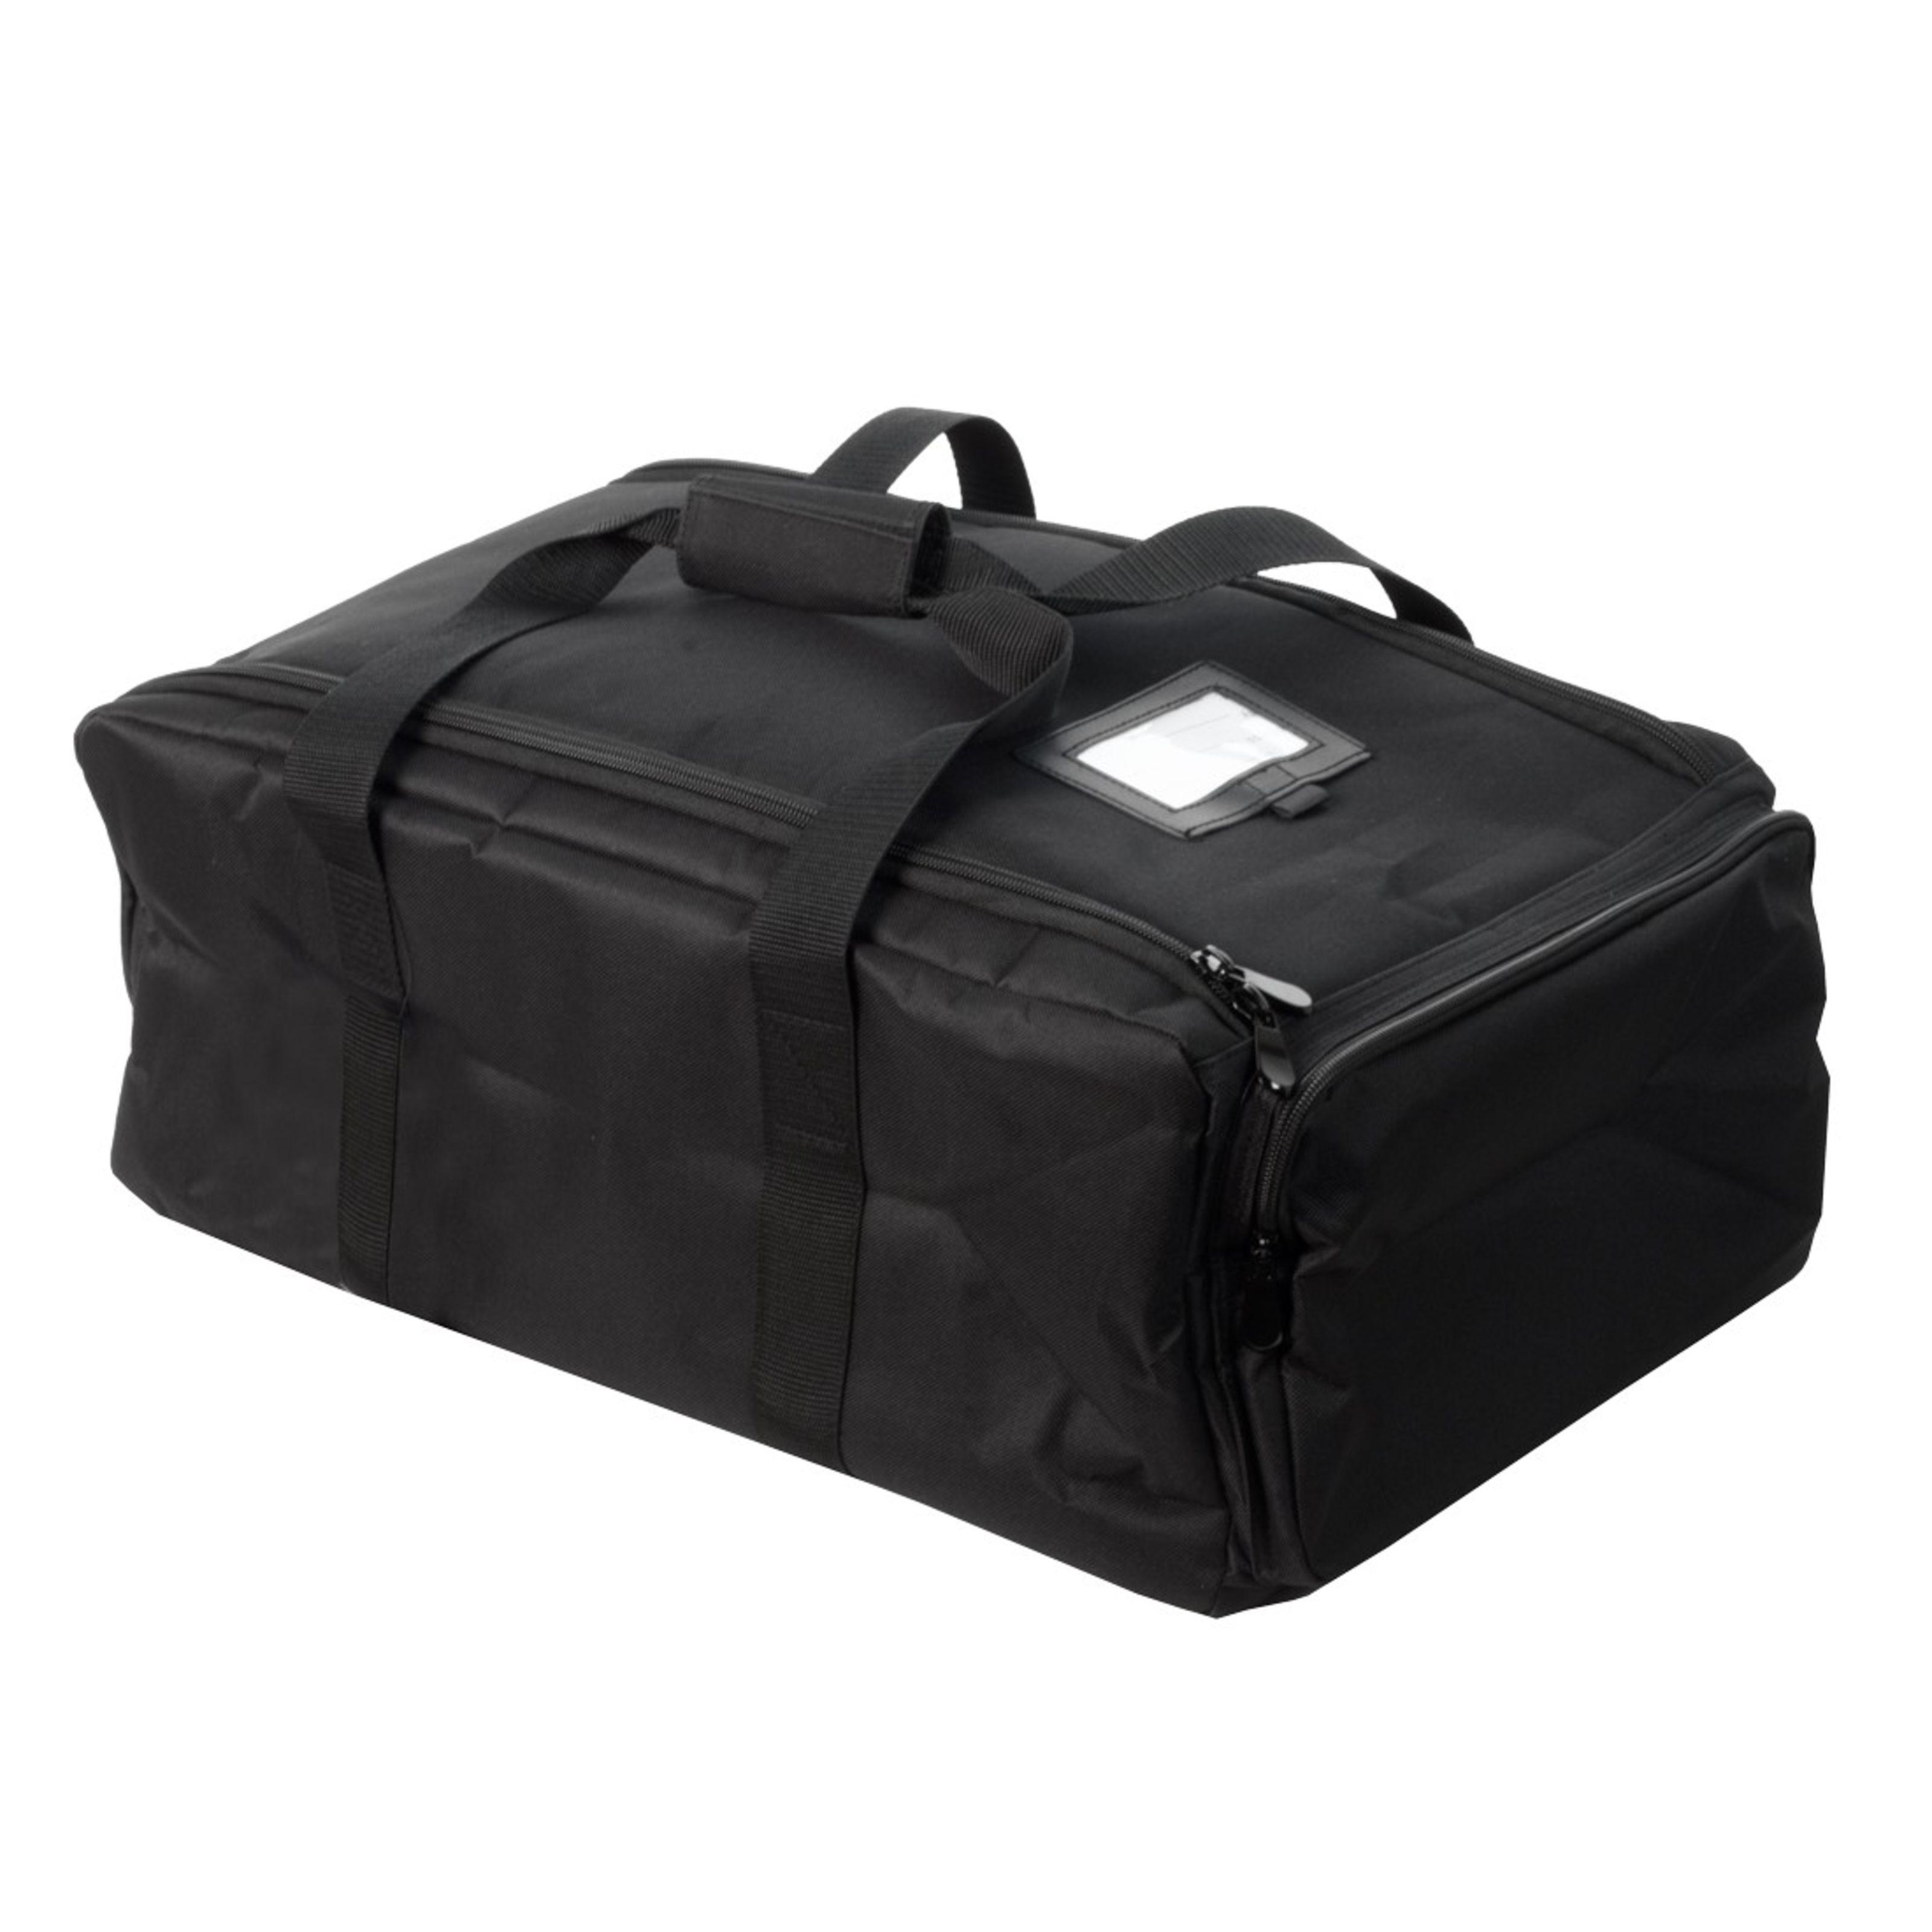 Accu Case - ASC-AC-131 Transporttasche 530 x 320 x 205 mm